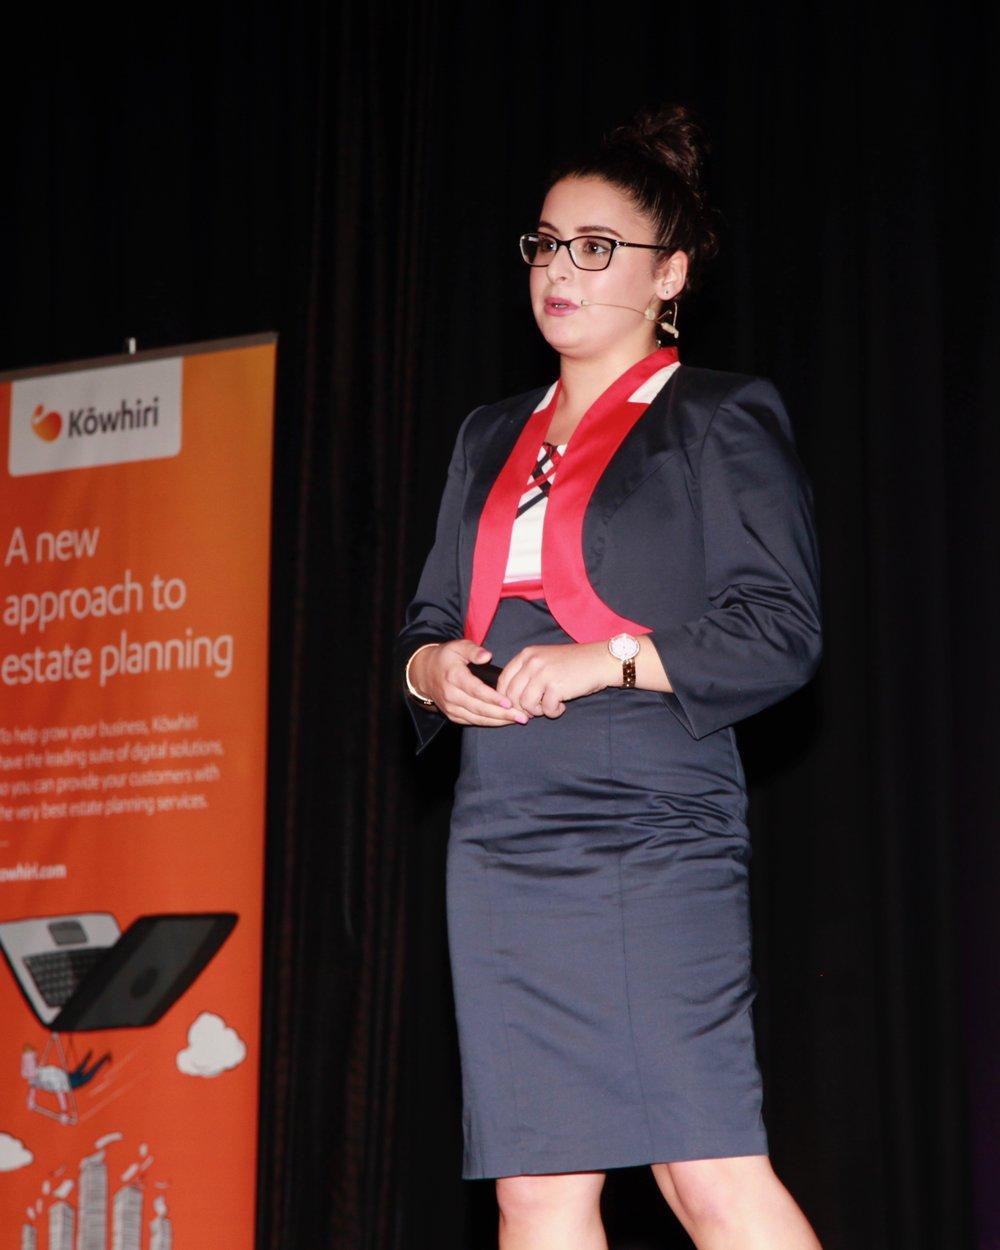 Alexia Hilbertidou, Founder, GirlBoss NZ